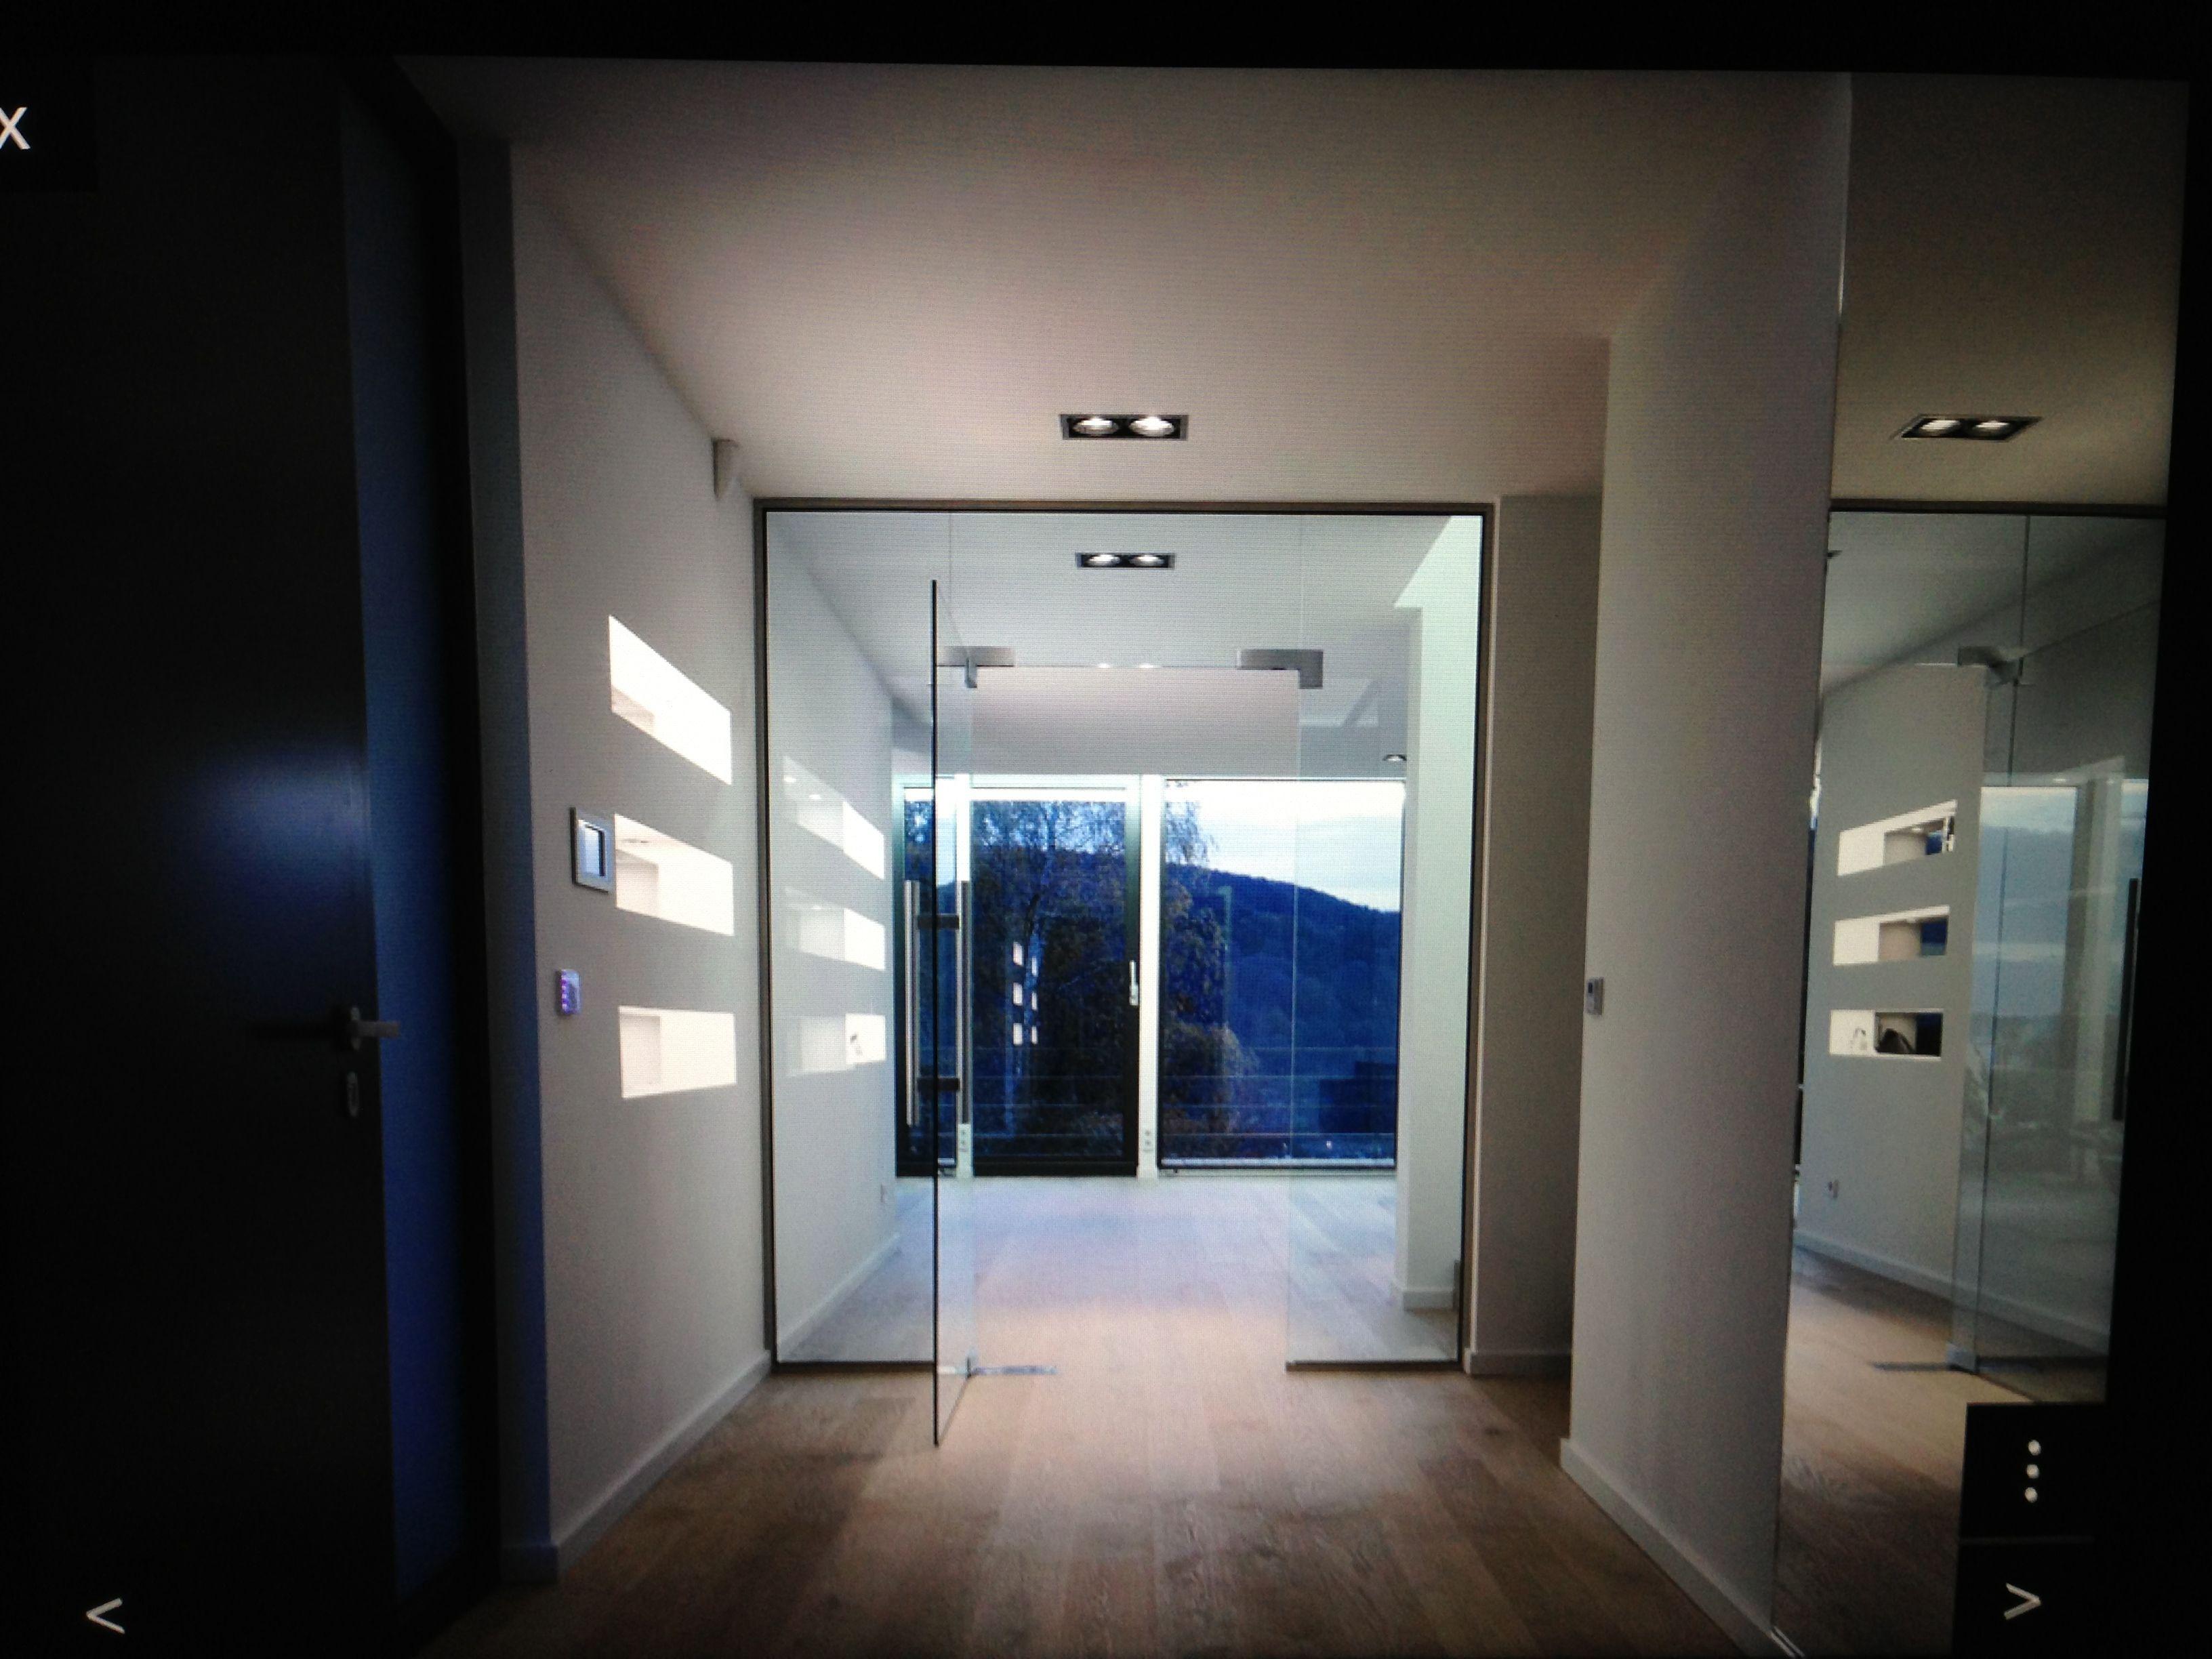 Wohnzimmer Glastür ~ Wohnzimmer glastür parkett leuchten glastür pinterest